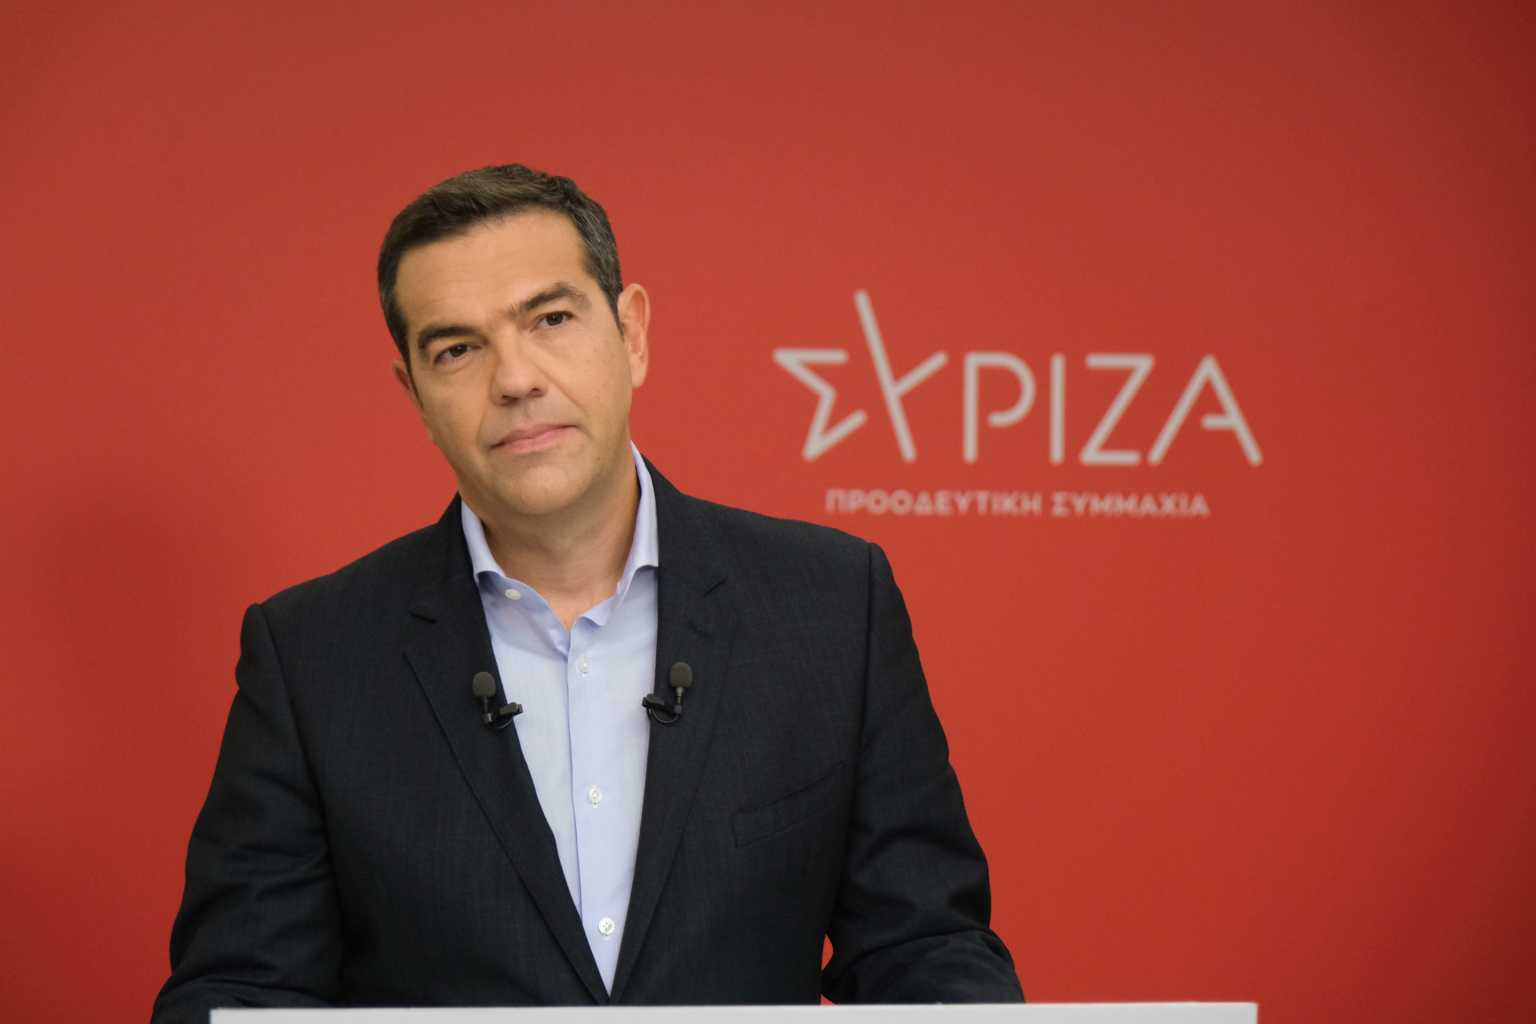 Τσίπρας: Ο Μητσοτάκης θα λογοδοτήσει για το μπάχαλο και το διπλό σύστημα καταγραφής κρουσμάτων